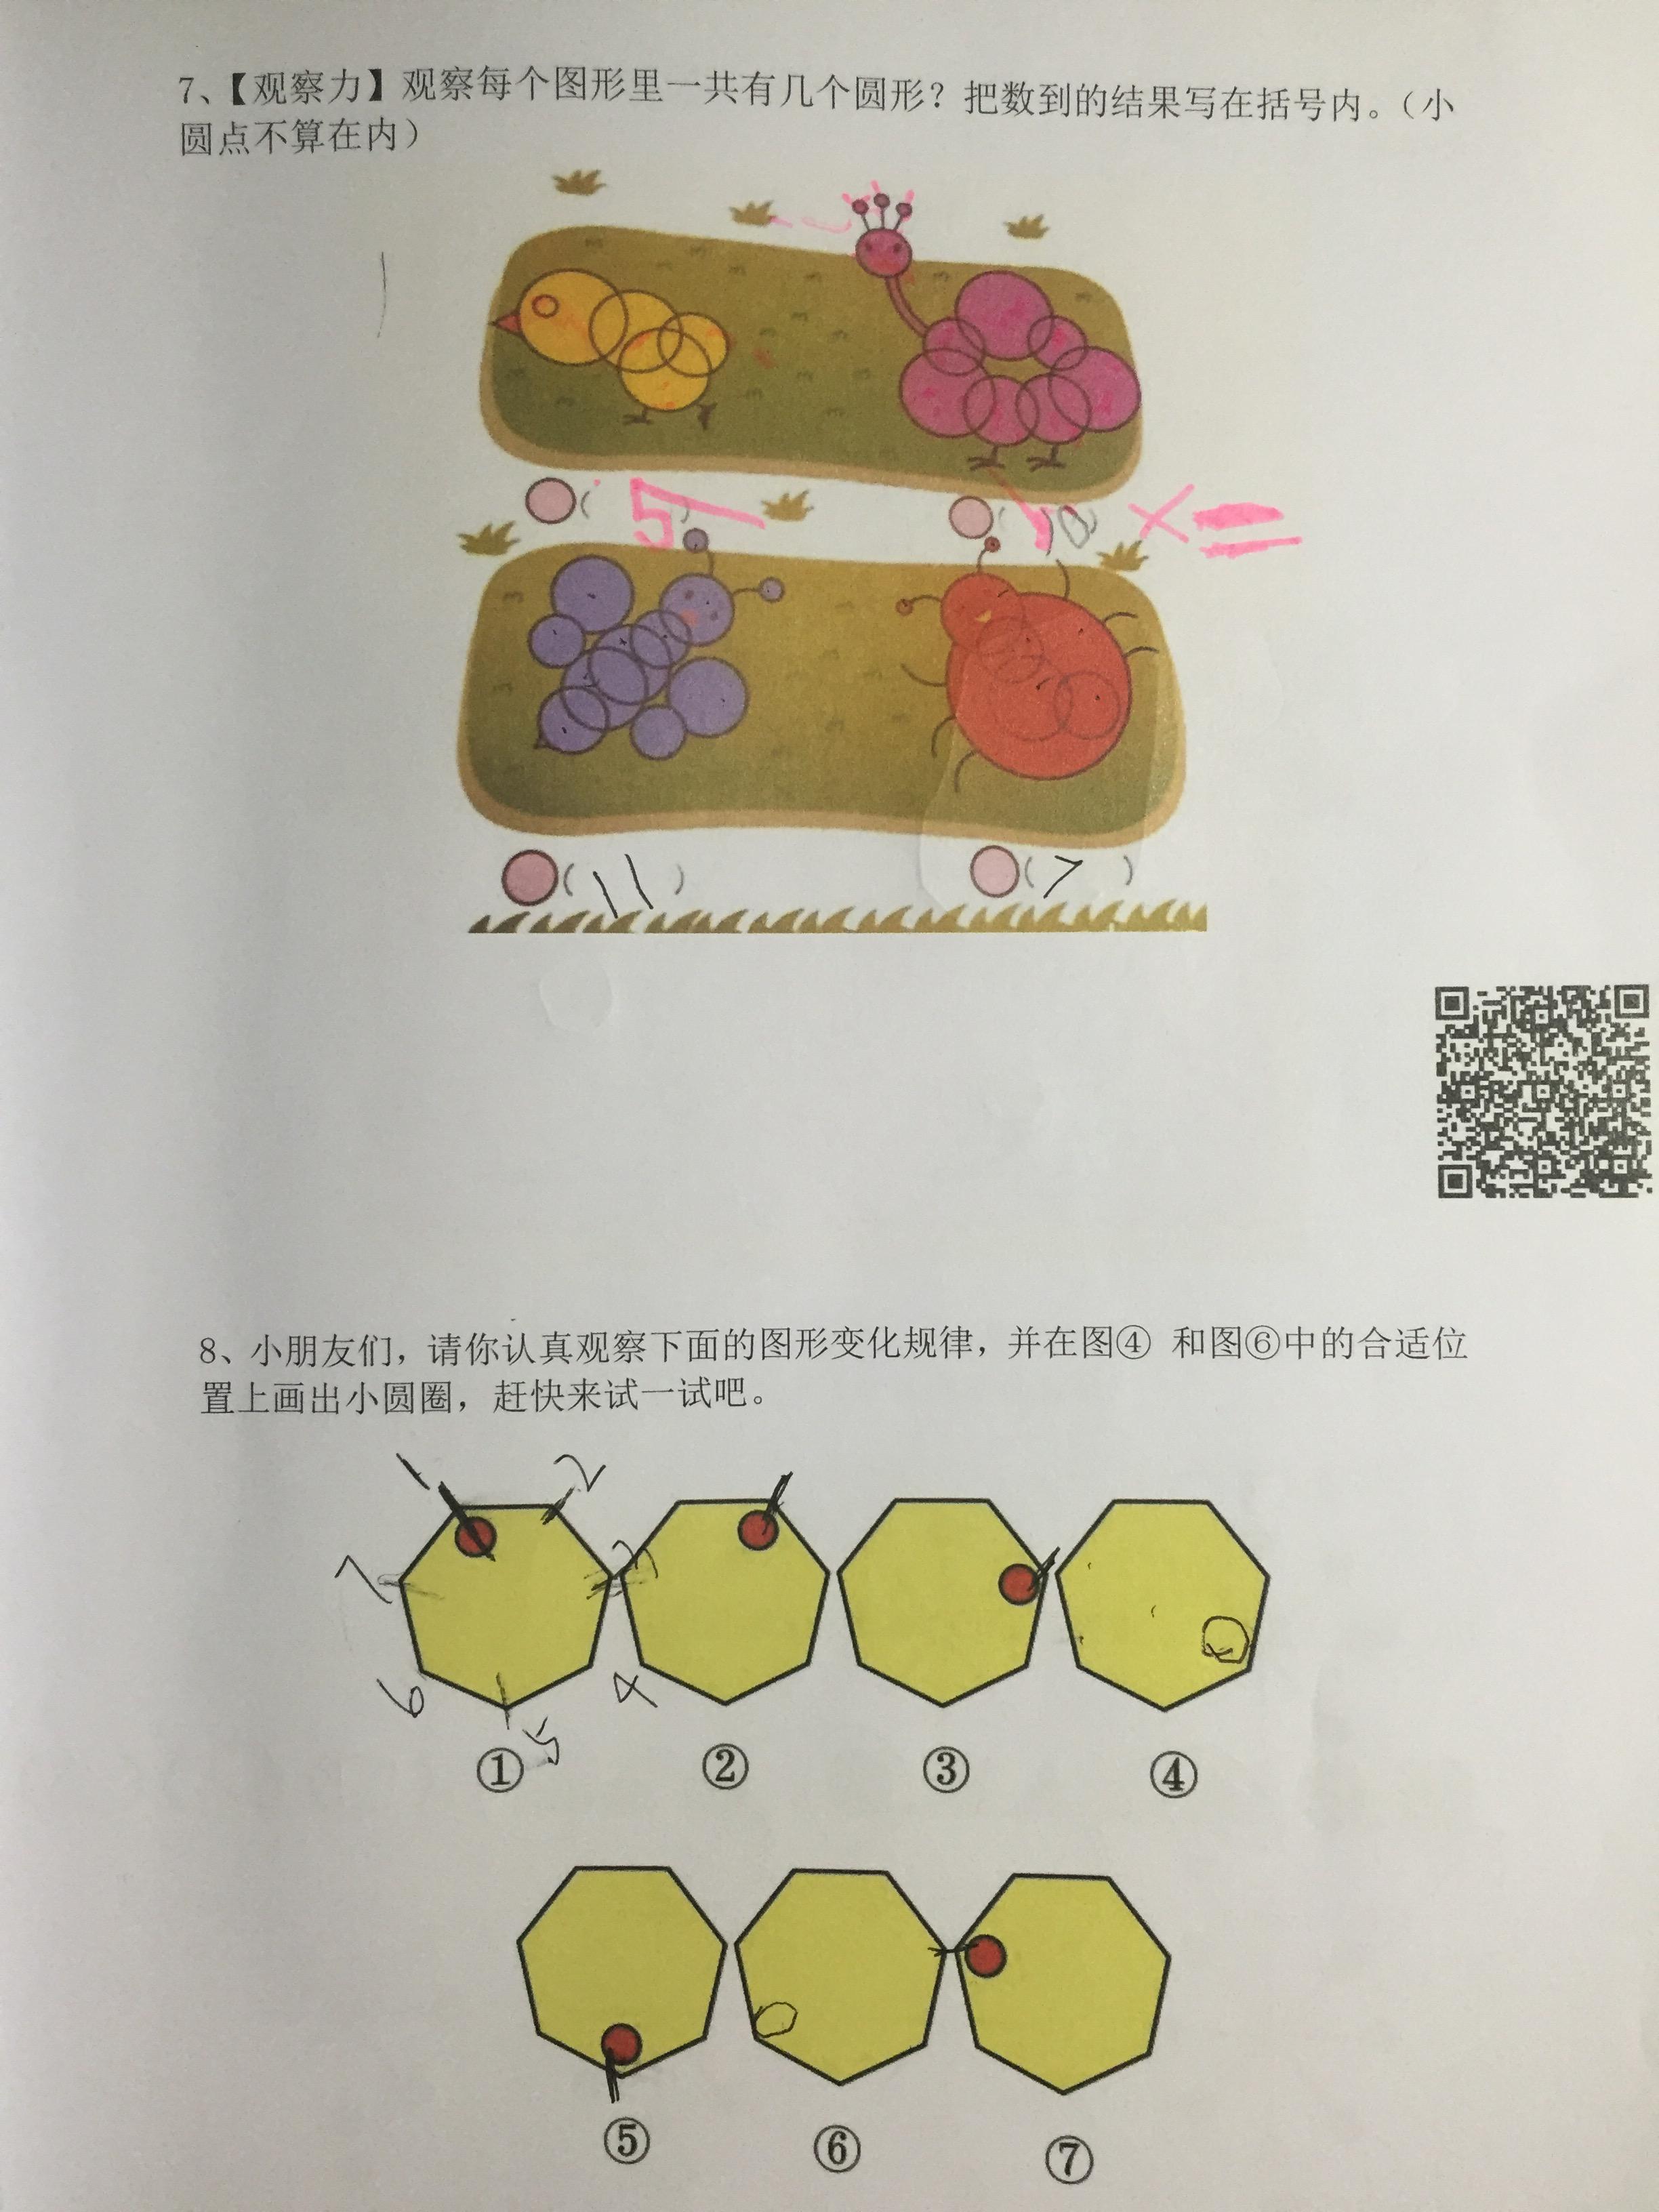 5003CF1D-1E02-4995-B97A-59F3957360FB.jpg